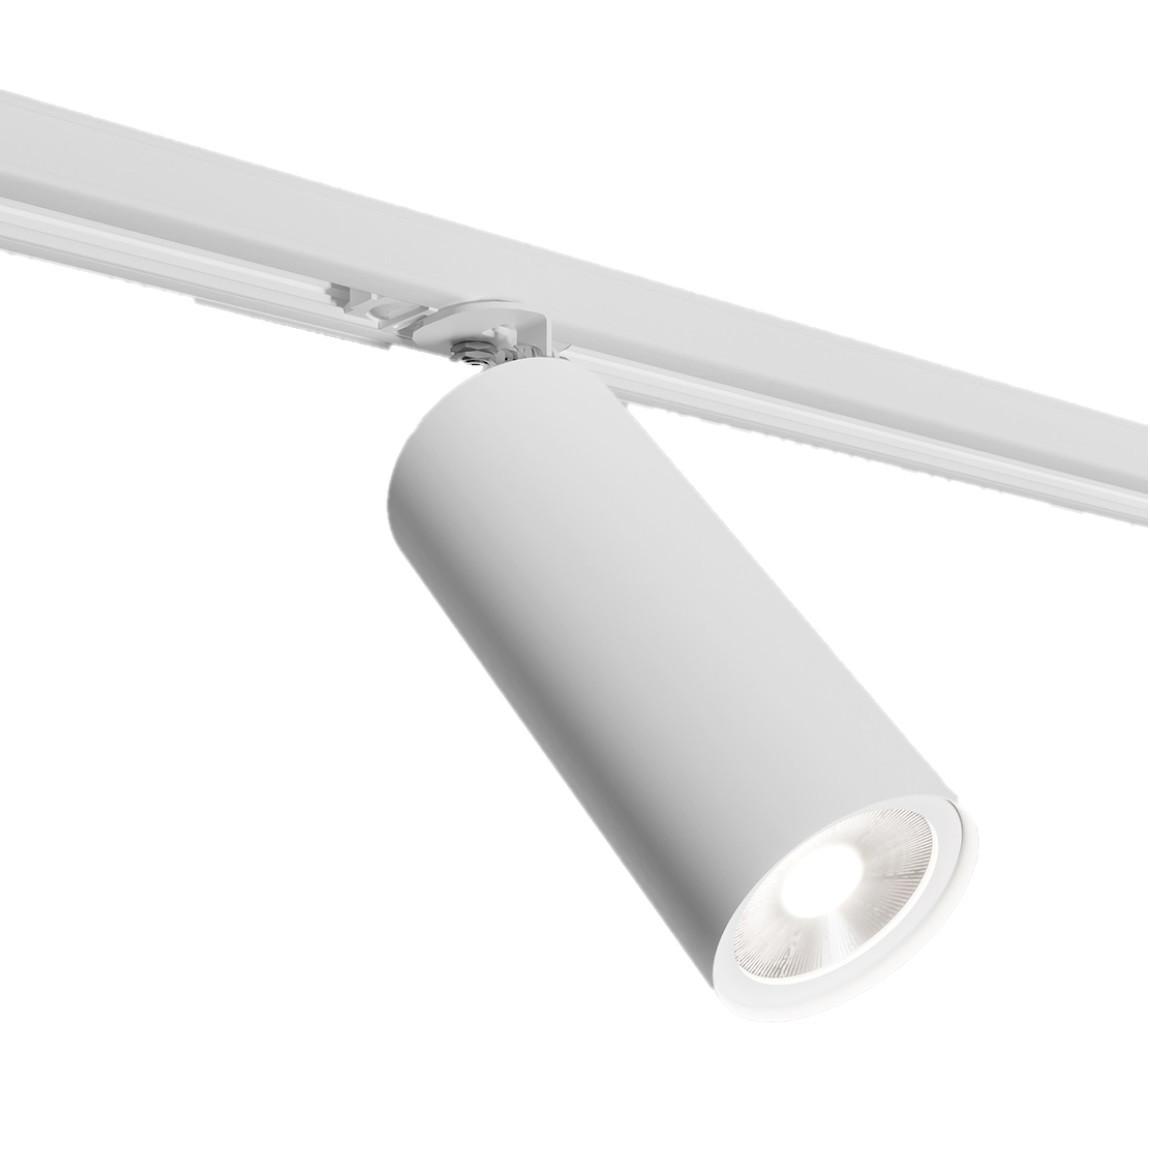 Odin 28W 3100Lm 80Ra трековый светодиодный светильник (230х85мм)